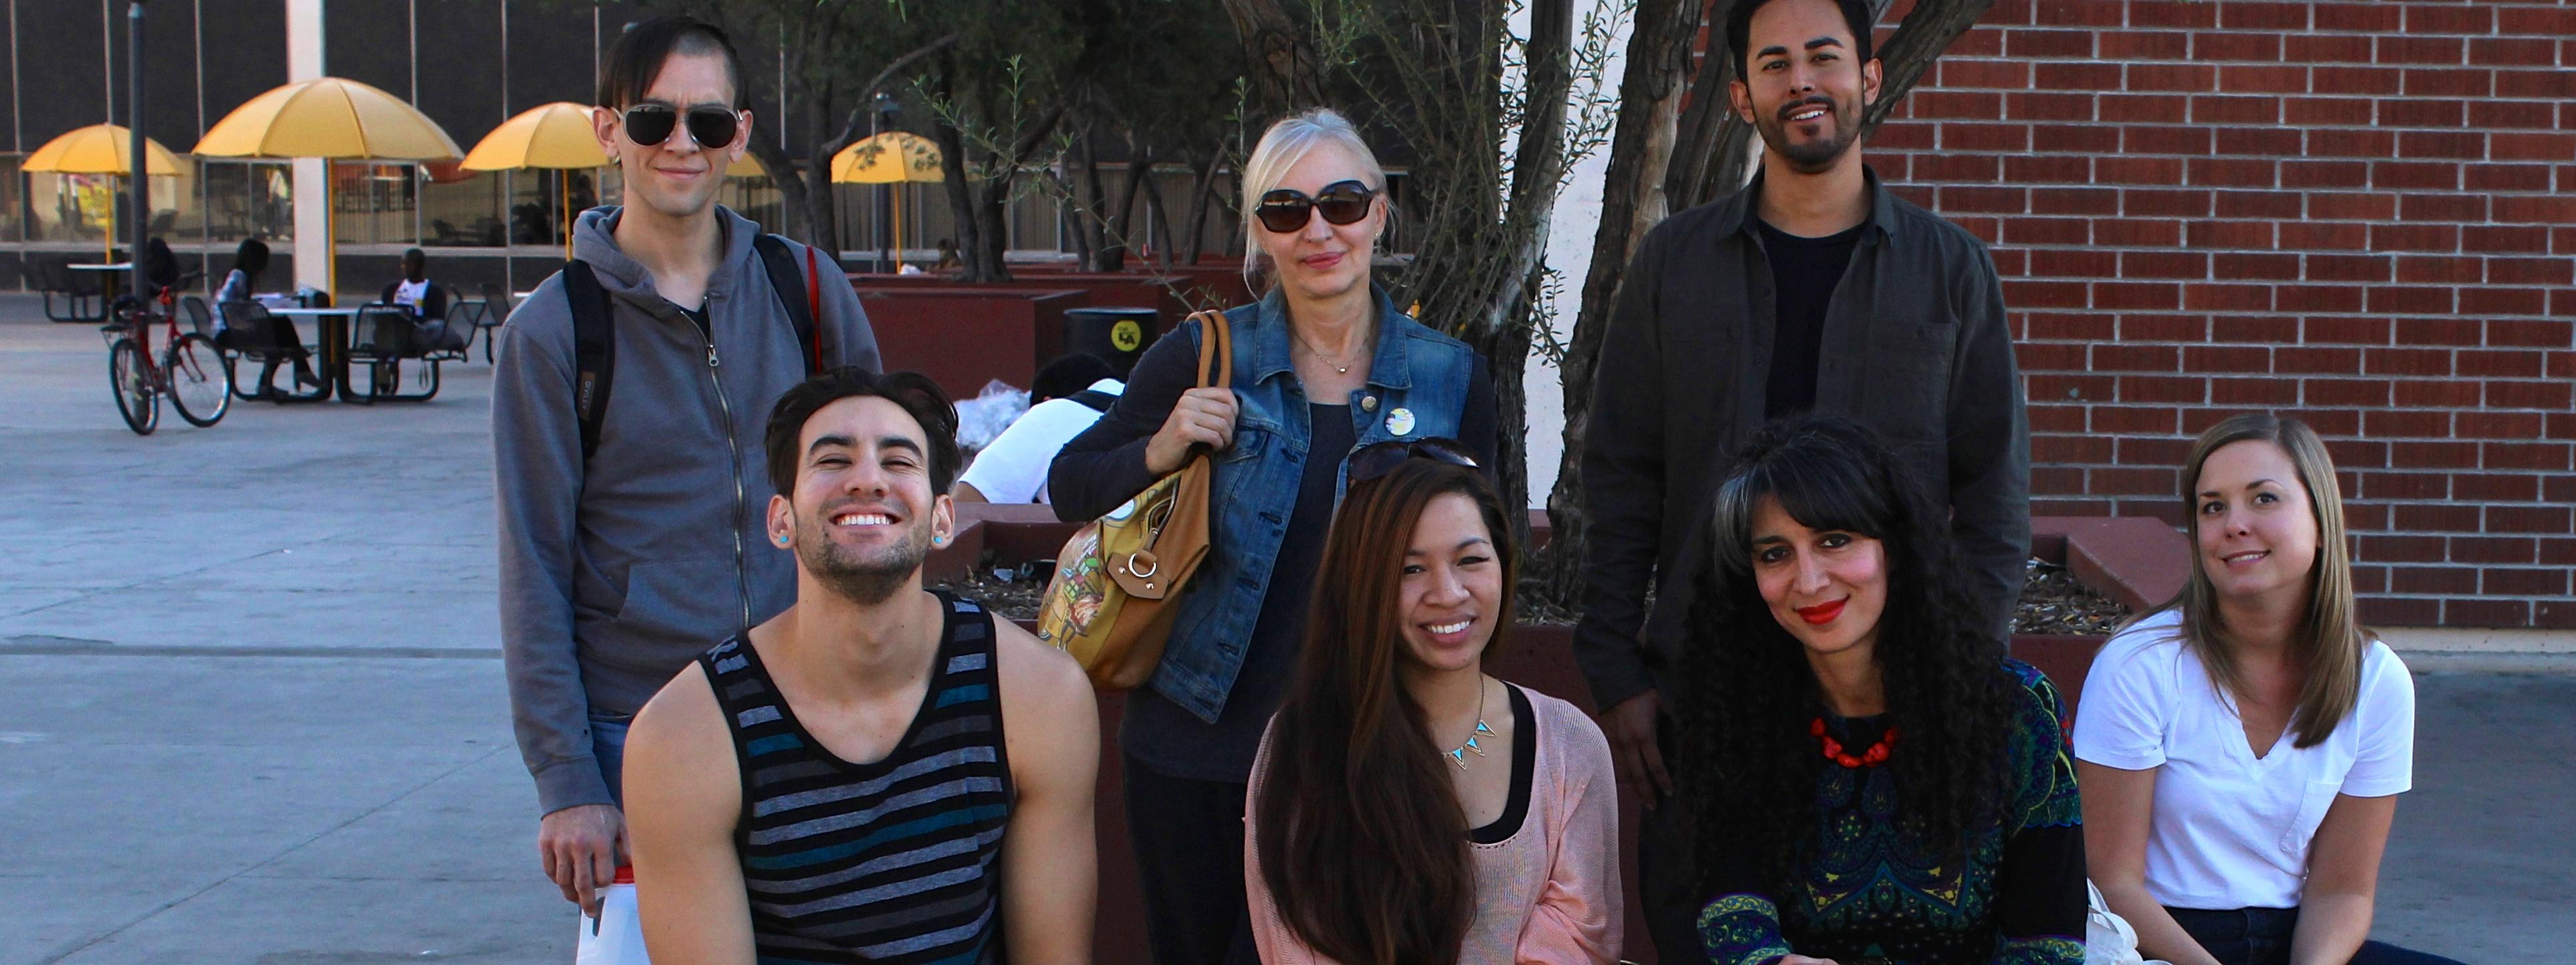 Grad Students